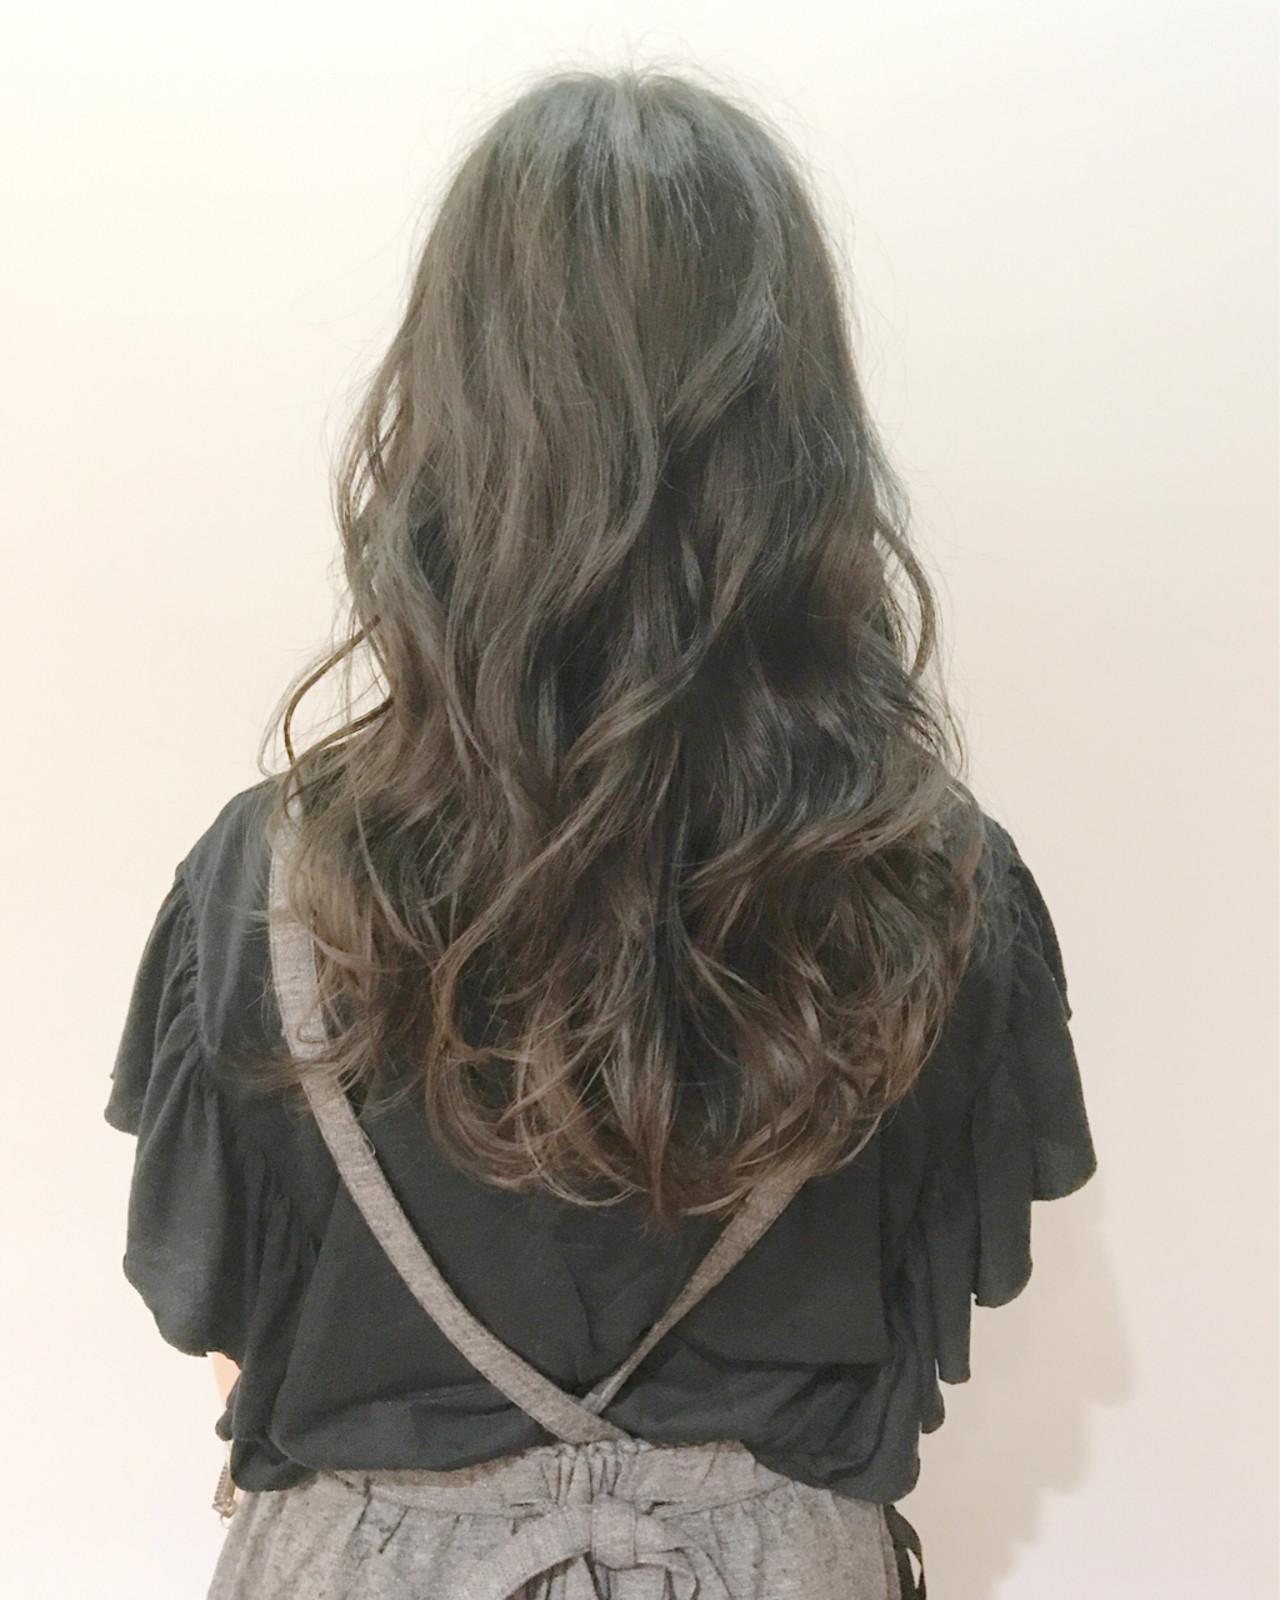 デート ナチュラル ヘアアレンジ カール ヘアスタイルや髪型の写真・画像 | Ishibashi Kazuyuki / TriumpH 【トライアンフ】